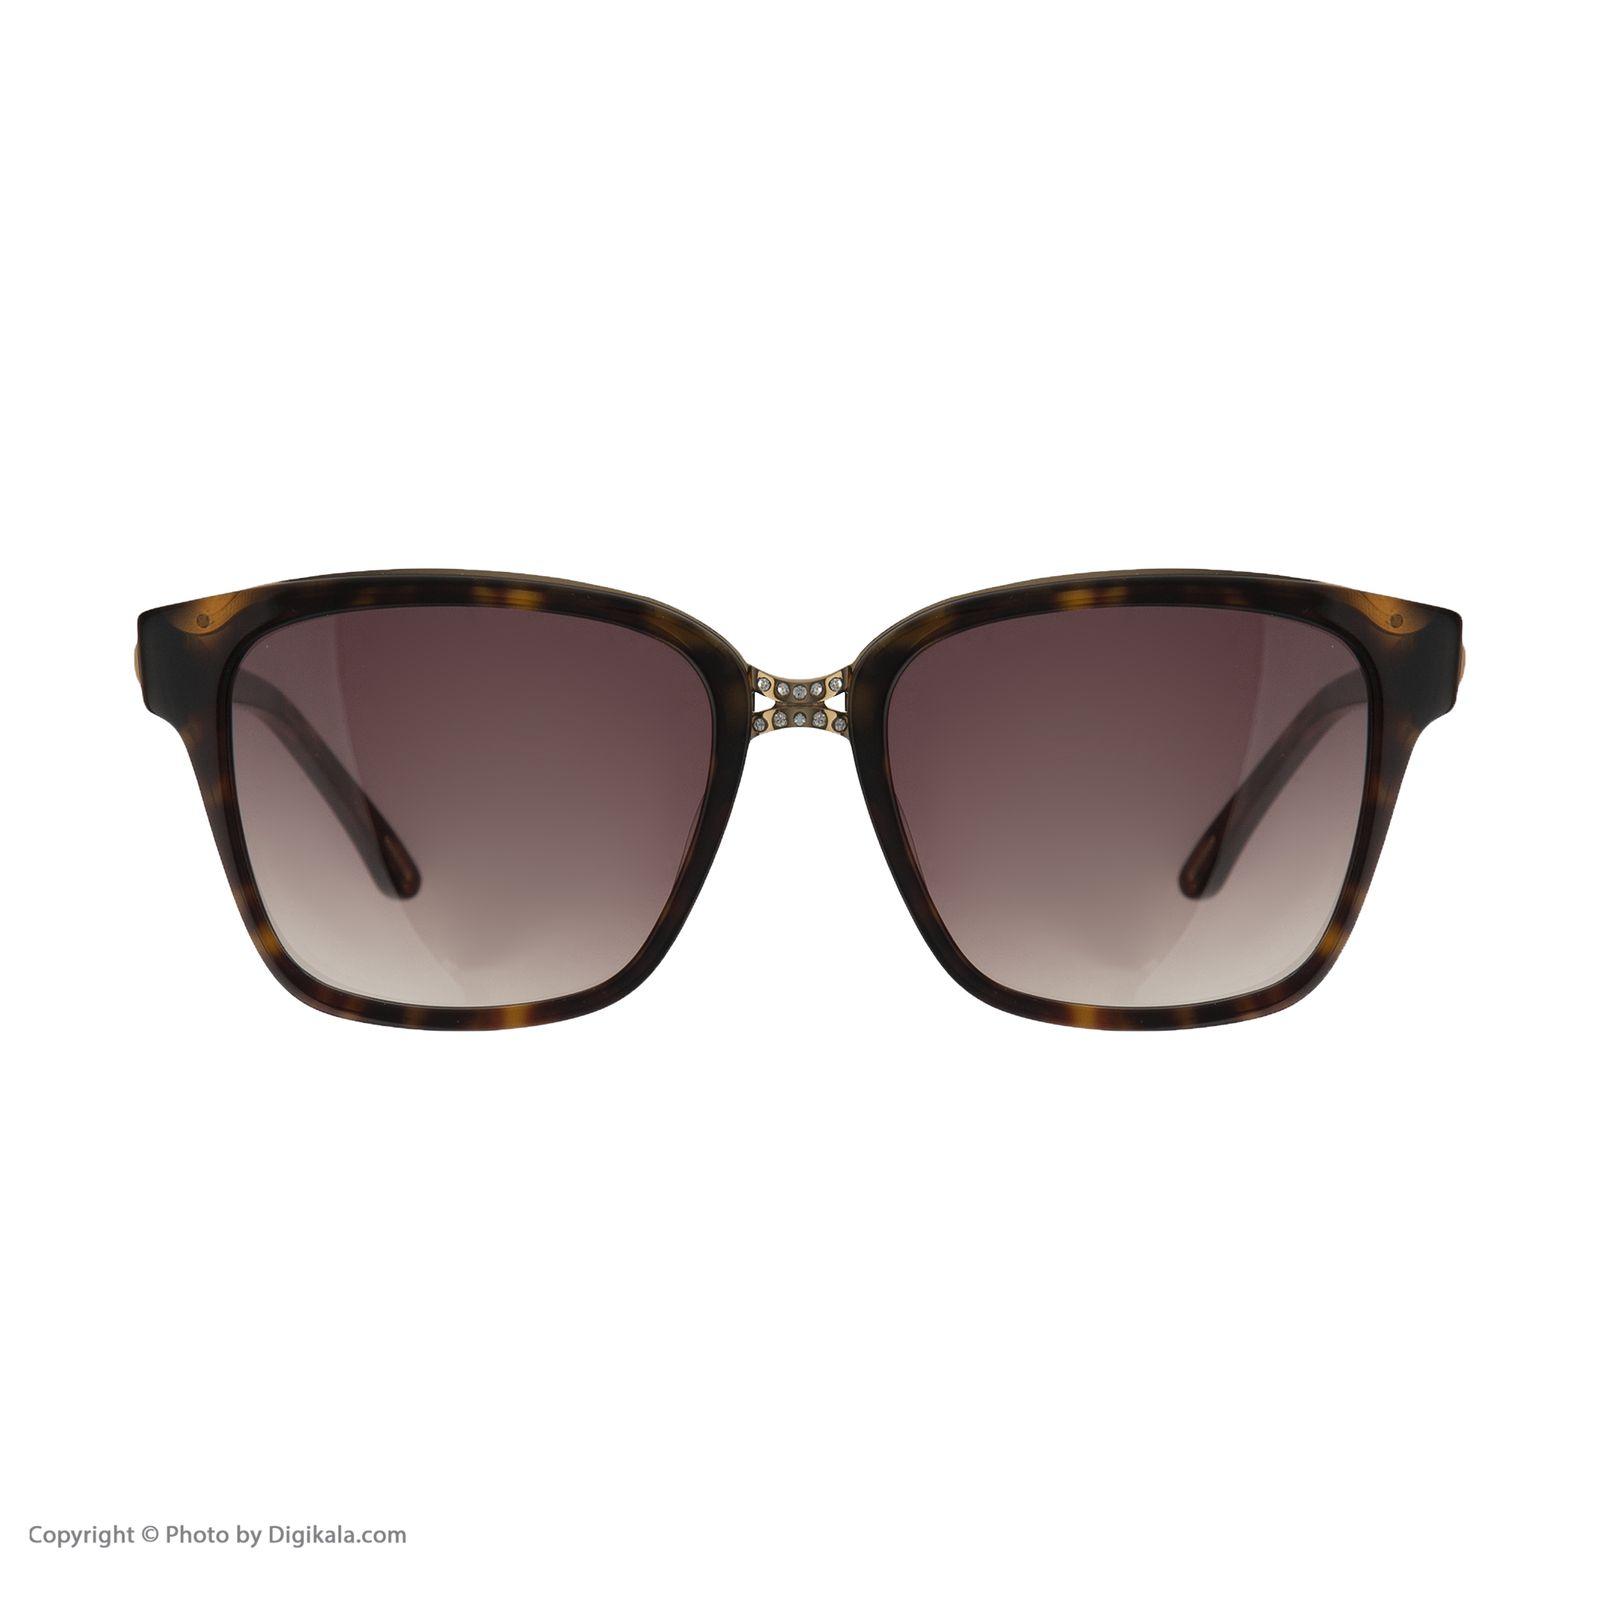 عینک آفتابی زنانه شوپارد مدل 128s -  - 4